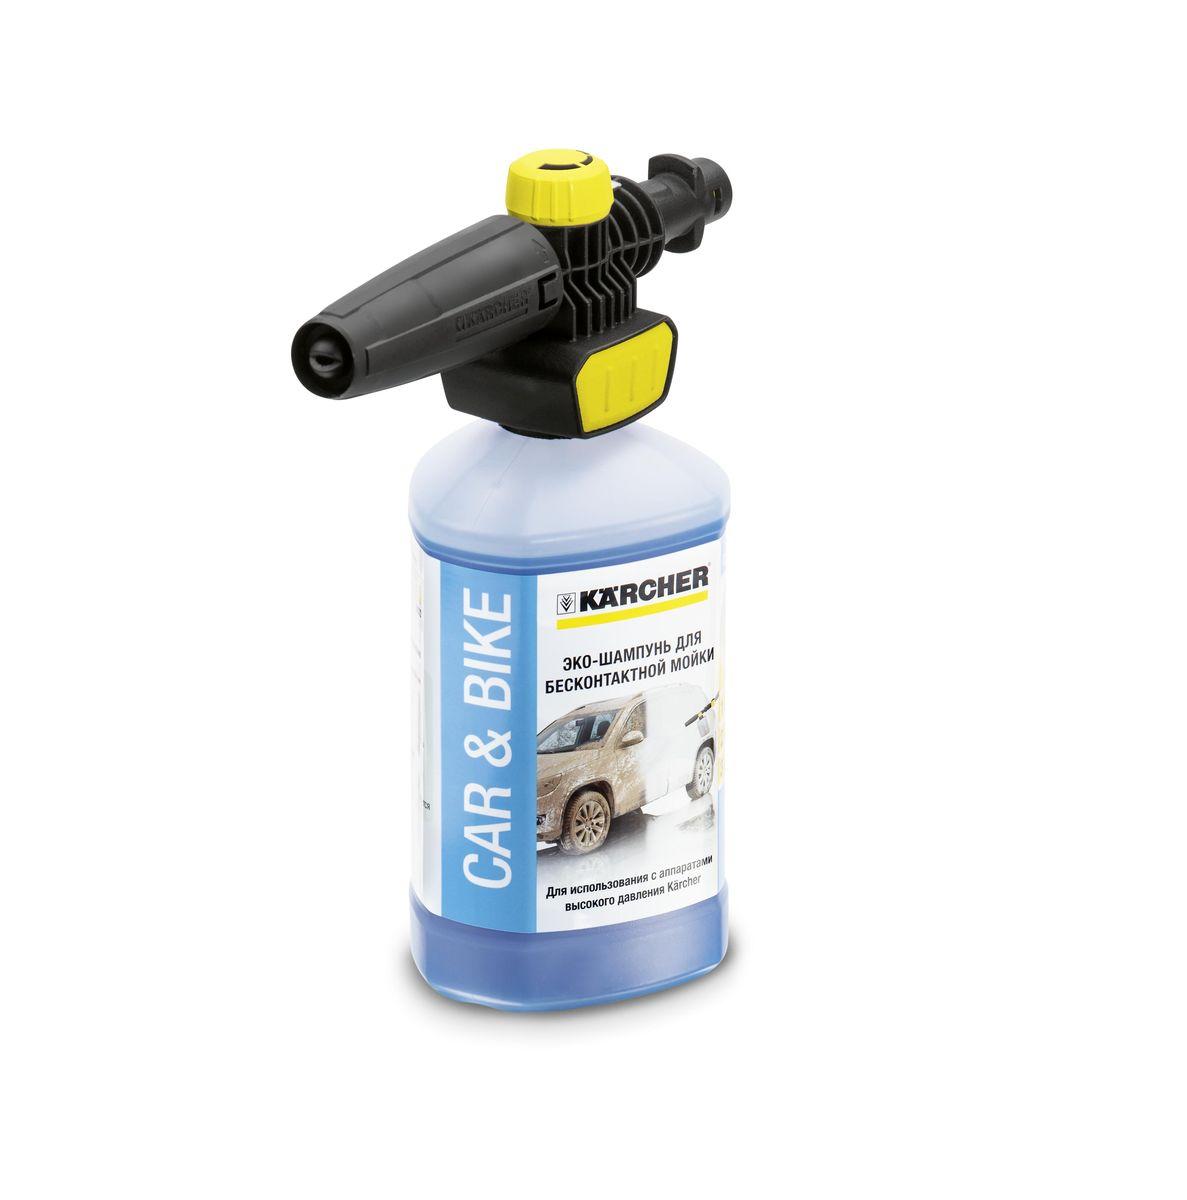 Набор Karcher FJ 10 С, с насадкой Connect n Clean, 2 предмета 2.643-142.098296075Набор Karcher FJ 10 С с насадкой Connect n Clean образует густую пену, которая поможет отмыть загрязненные мотоциклы, автомобили. С помощью насадки Connect n Clean также можно обрабатывать каменные и деревянные поверхности. Используется для аппаратов высокого давления Karcher классов K2-K7. В набор входит эко-шампунь для бесконтактной мойки. Преимущества использования набора Karcher FJ 10 С: механизм насадки Connect n Clean для удобного применения и быстрой замены чистящего средства, дополнительный усилитель пенообразования для более интенсивной очистки, шампунь не содержит фосфатов и не повреждает поверхности. Преимущества пенного сопла Karcher FJ 10 С:регулировка плоскости распыления,дозировка чистящего средства,регулировка угла распыления, регулировка струи (от узкой до широкой). Максимальное давление: 160 бар.Максимальная температура: 60°С. Объем эко-шампуня: 1 л.